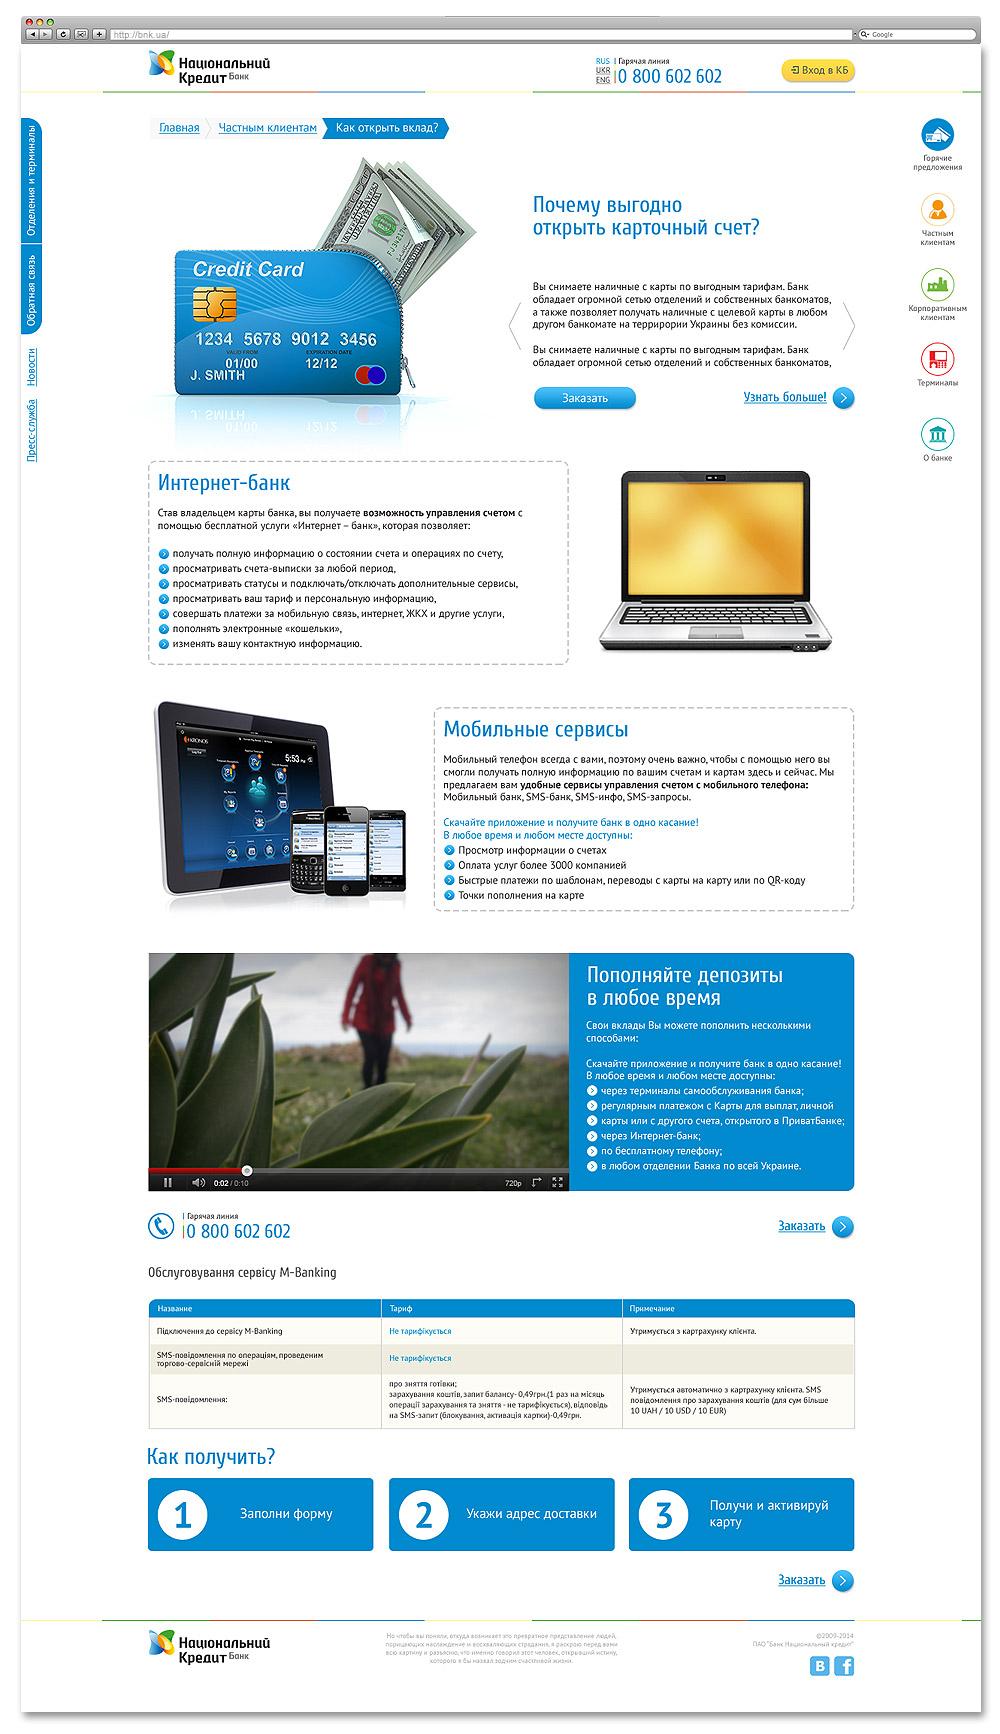 Посадочная страница одной из услуг банка